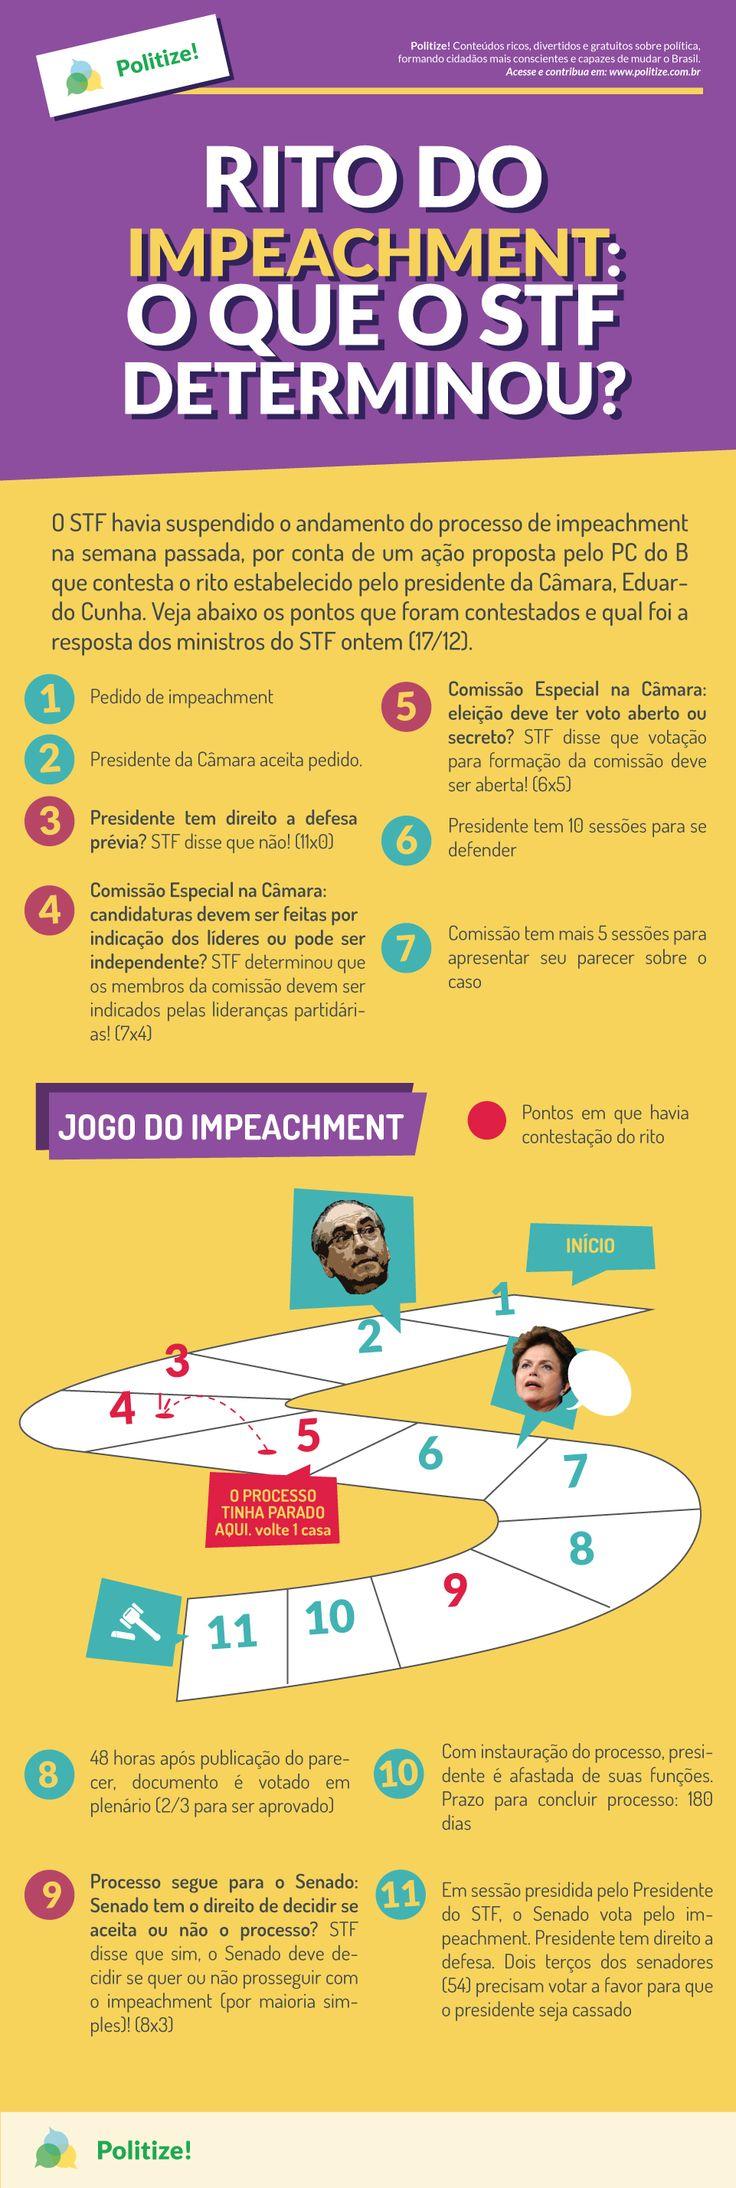 O Supremo Tribunal Federal havia suspendido o andamento do processo de impeachment contra a presidente Dilma Rousseff, por conta de uma ação proposta pelo PC do B que contesta o rito estabelecido pelo presidente da Câmara, Eduardo Cunha. Entenda melhor o que aconteceu na época e o rito do impeachment: